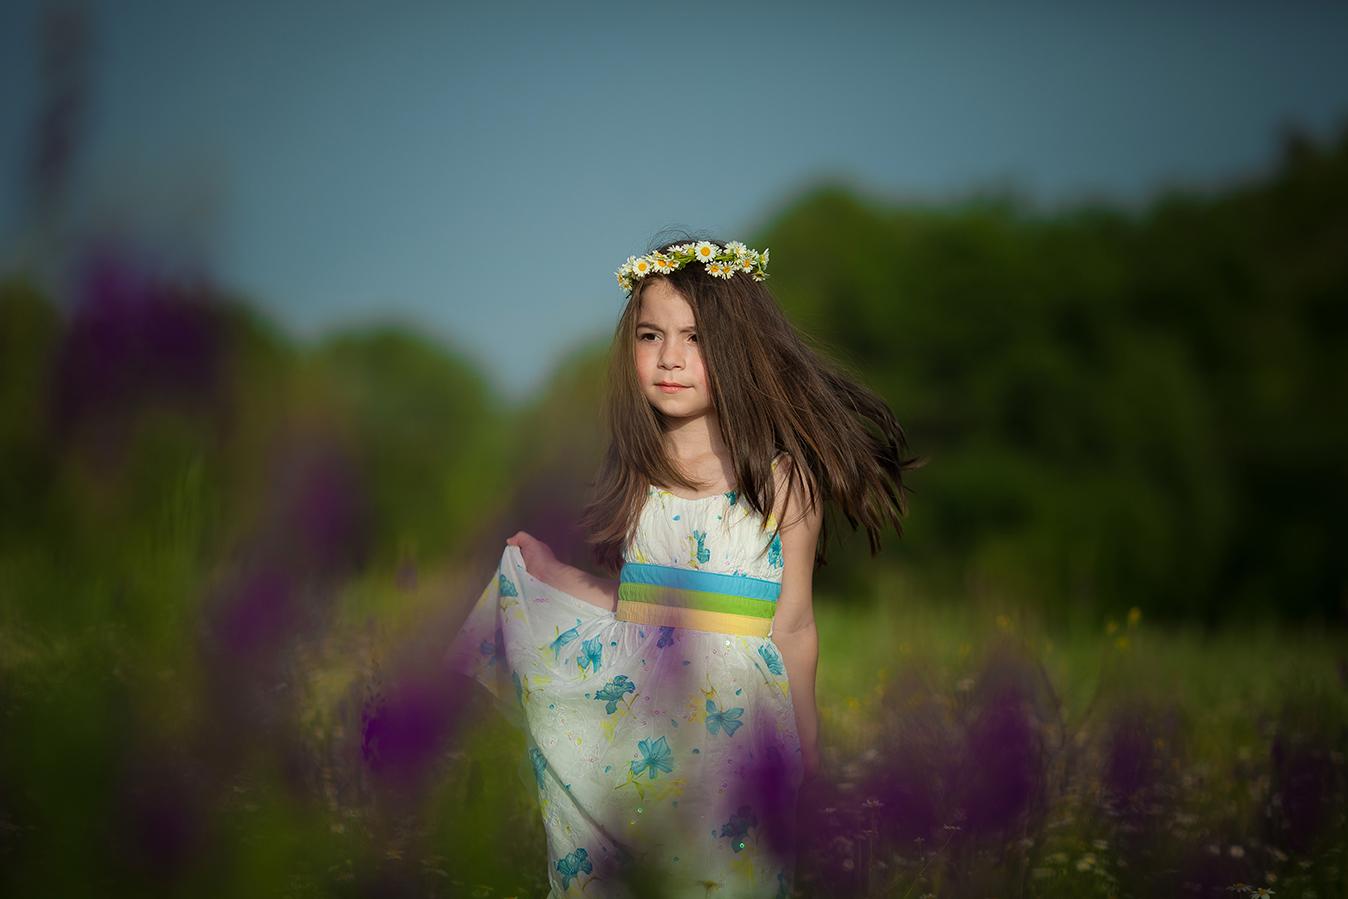 детска фотография (15)